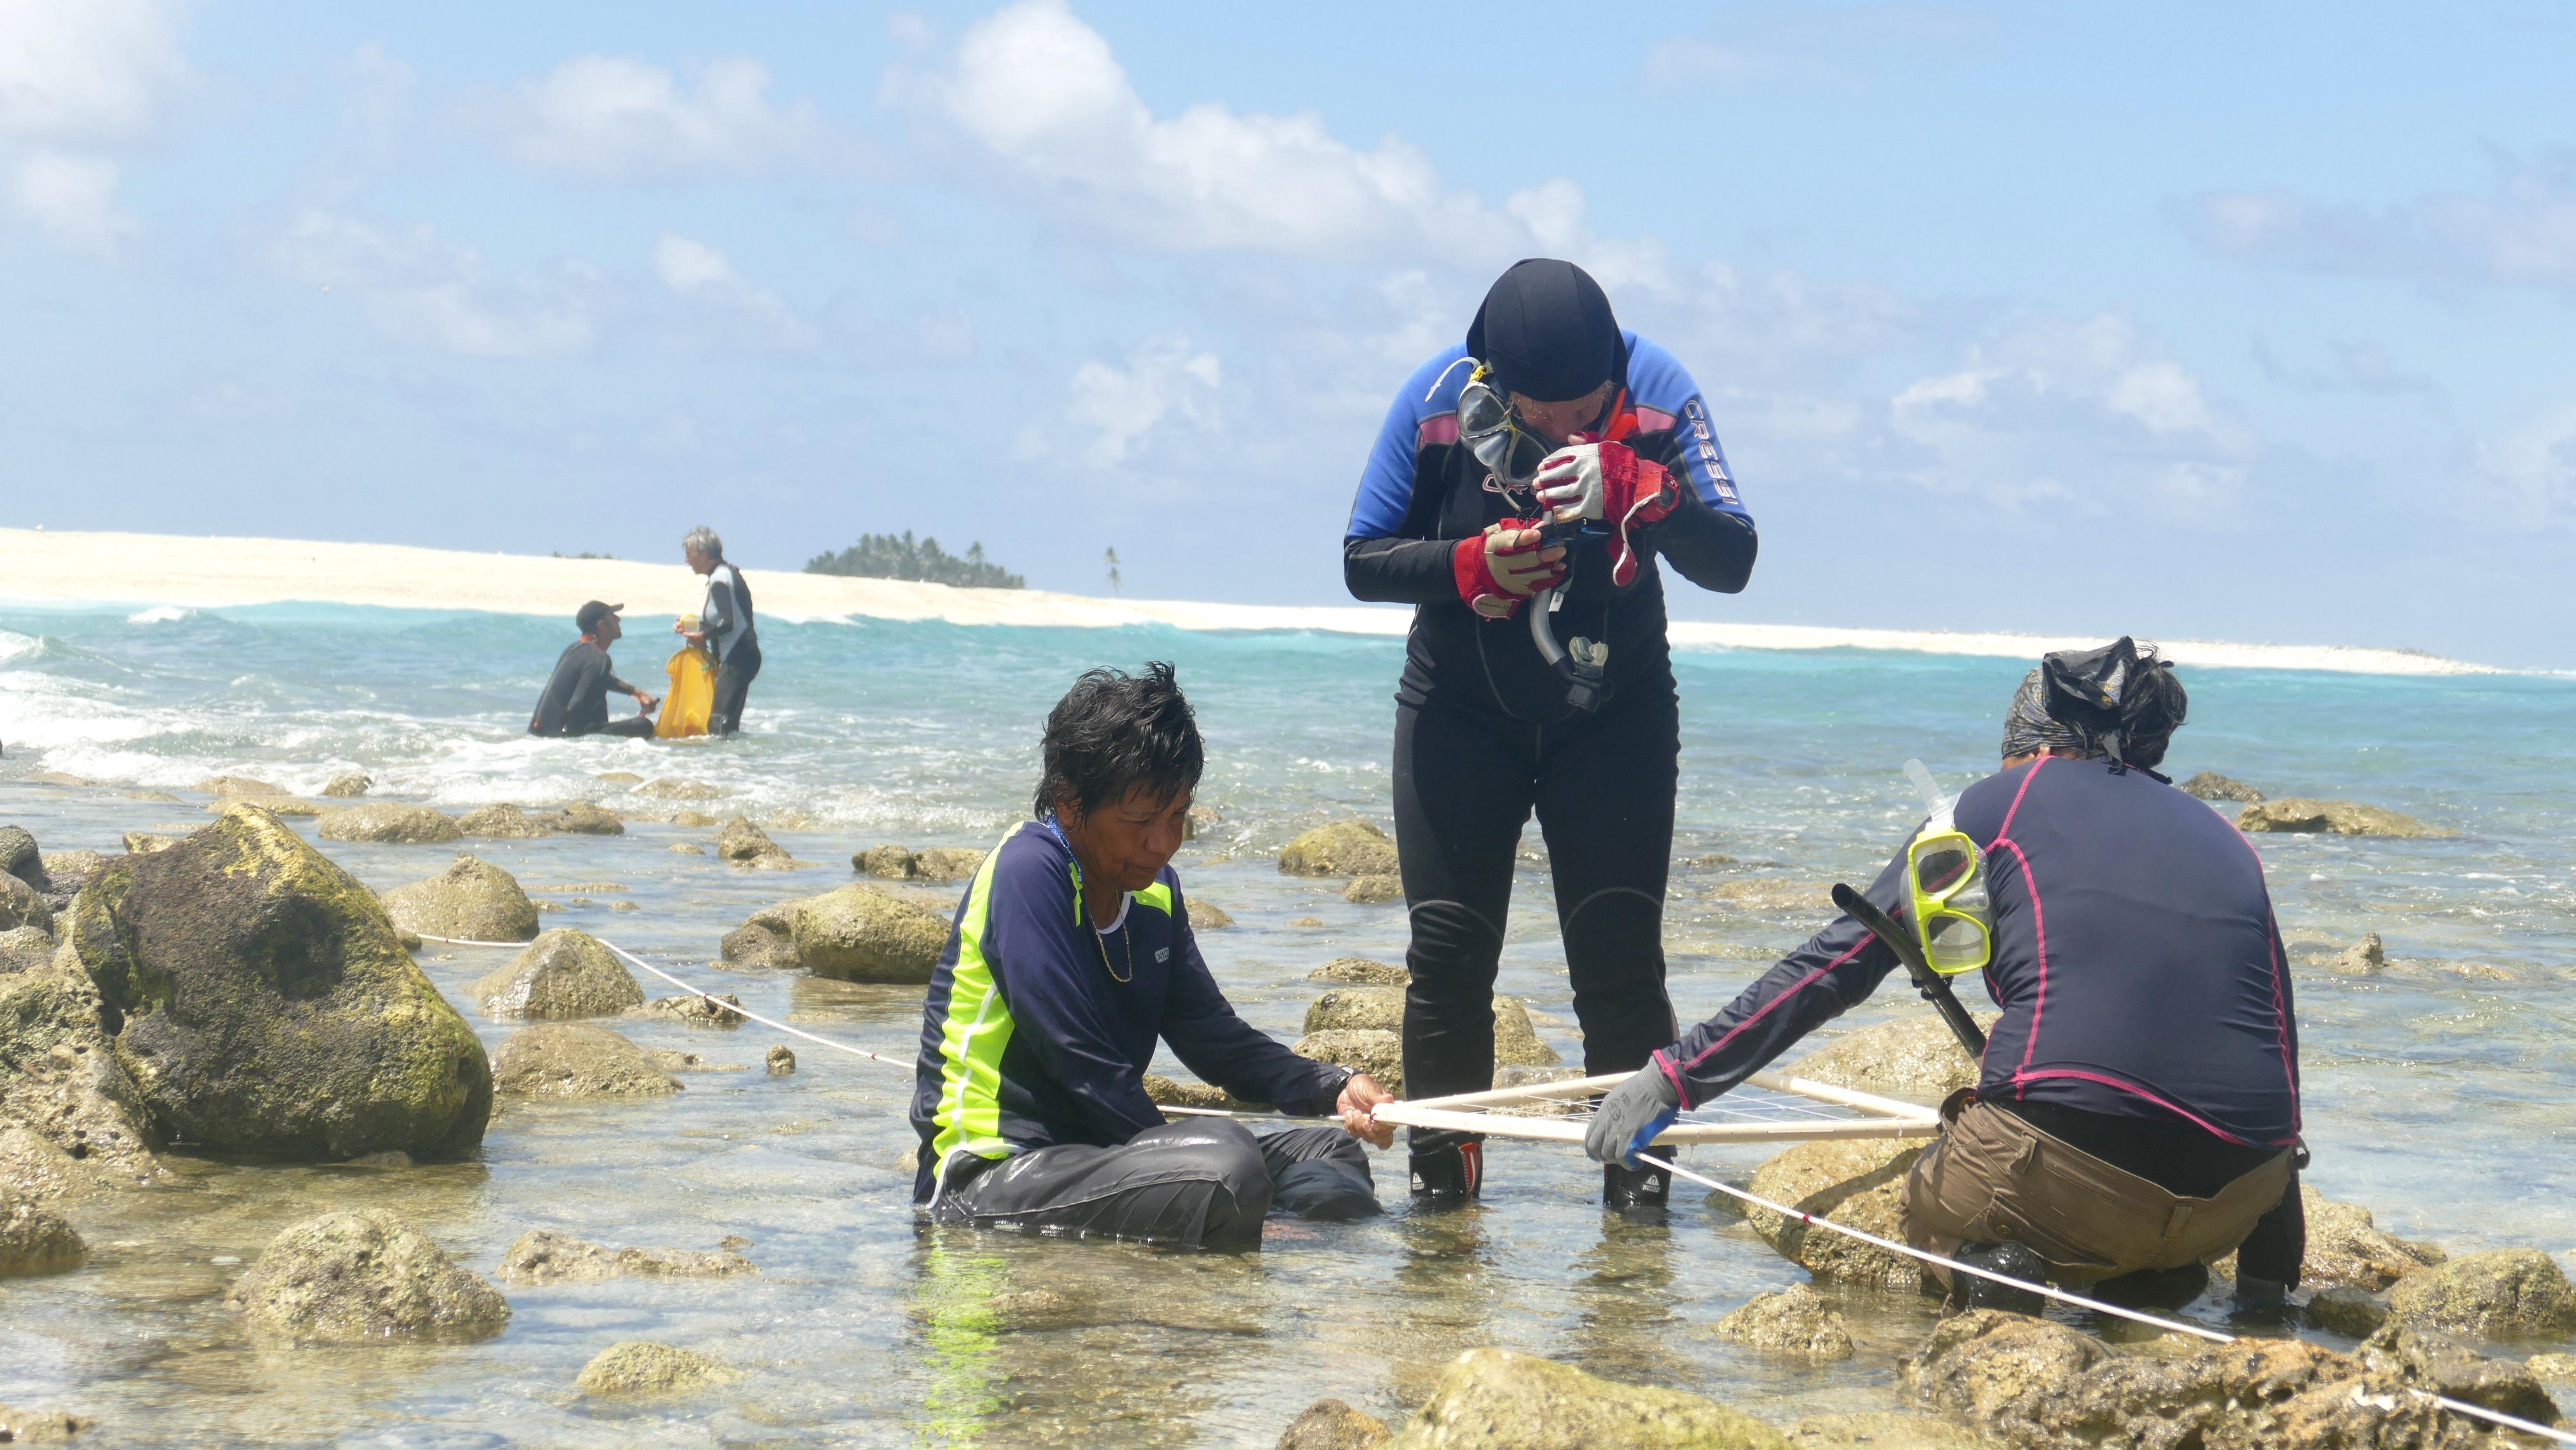 Pendant 14 jours, les biologistes marins ont collecté et identifié des espèces sur le platier corallien. Crédit : Stéphane Dugast